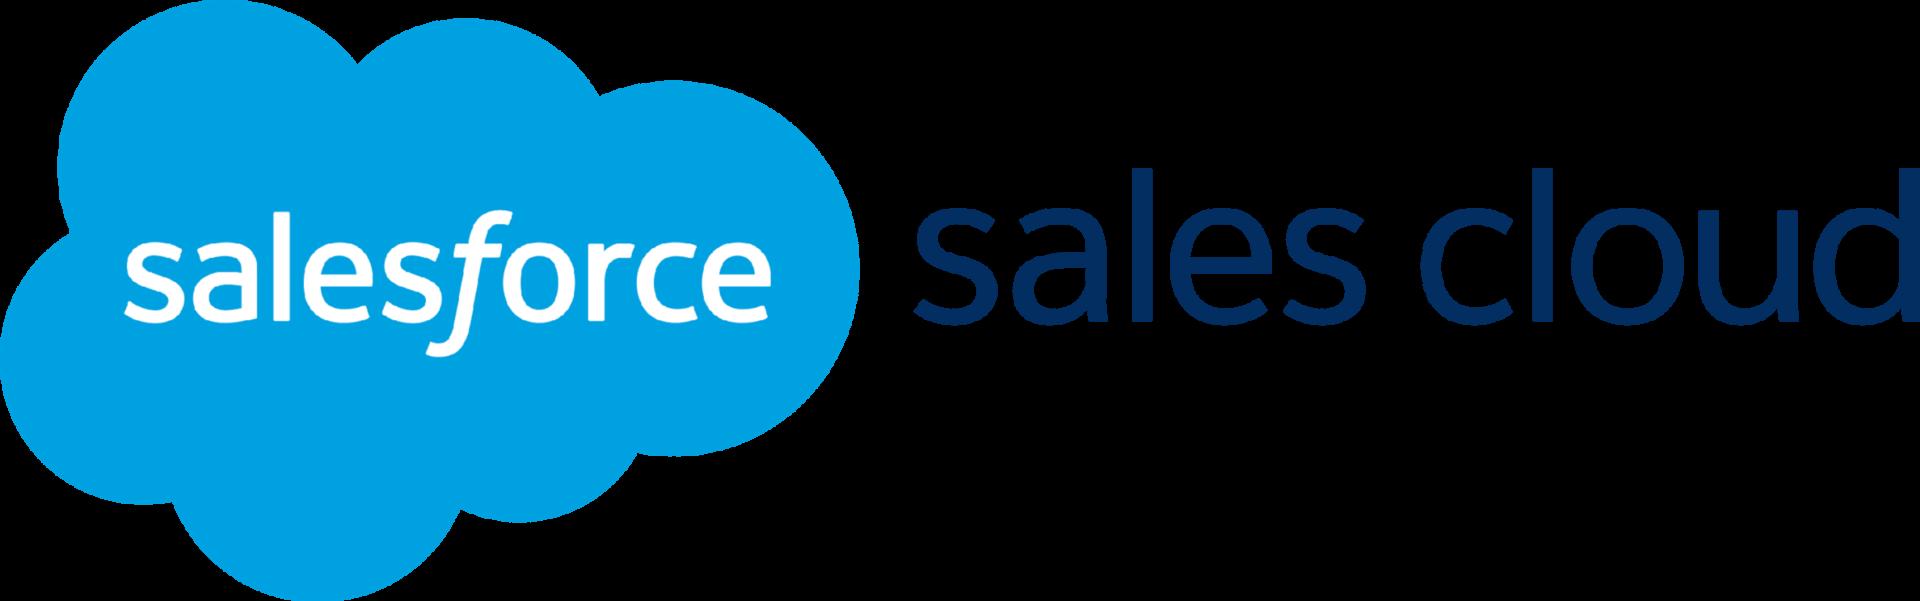 salesforceSalesCloud